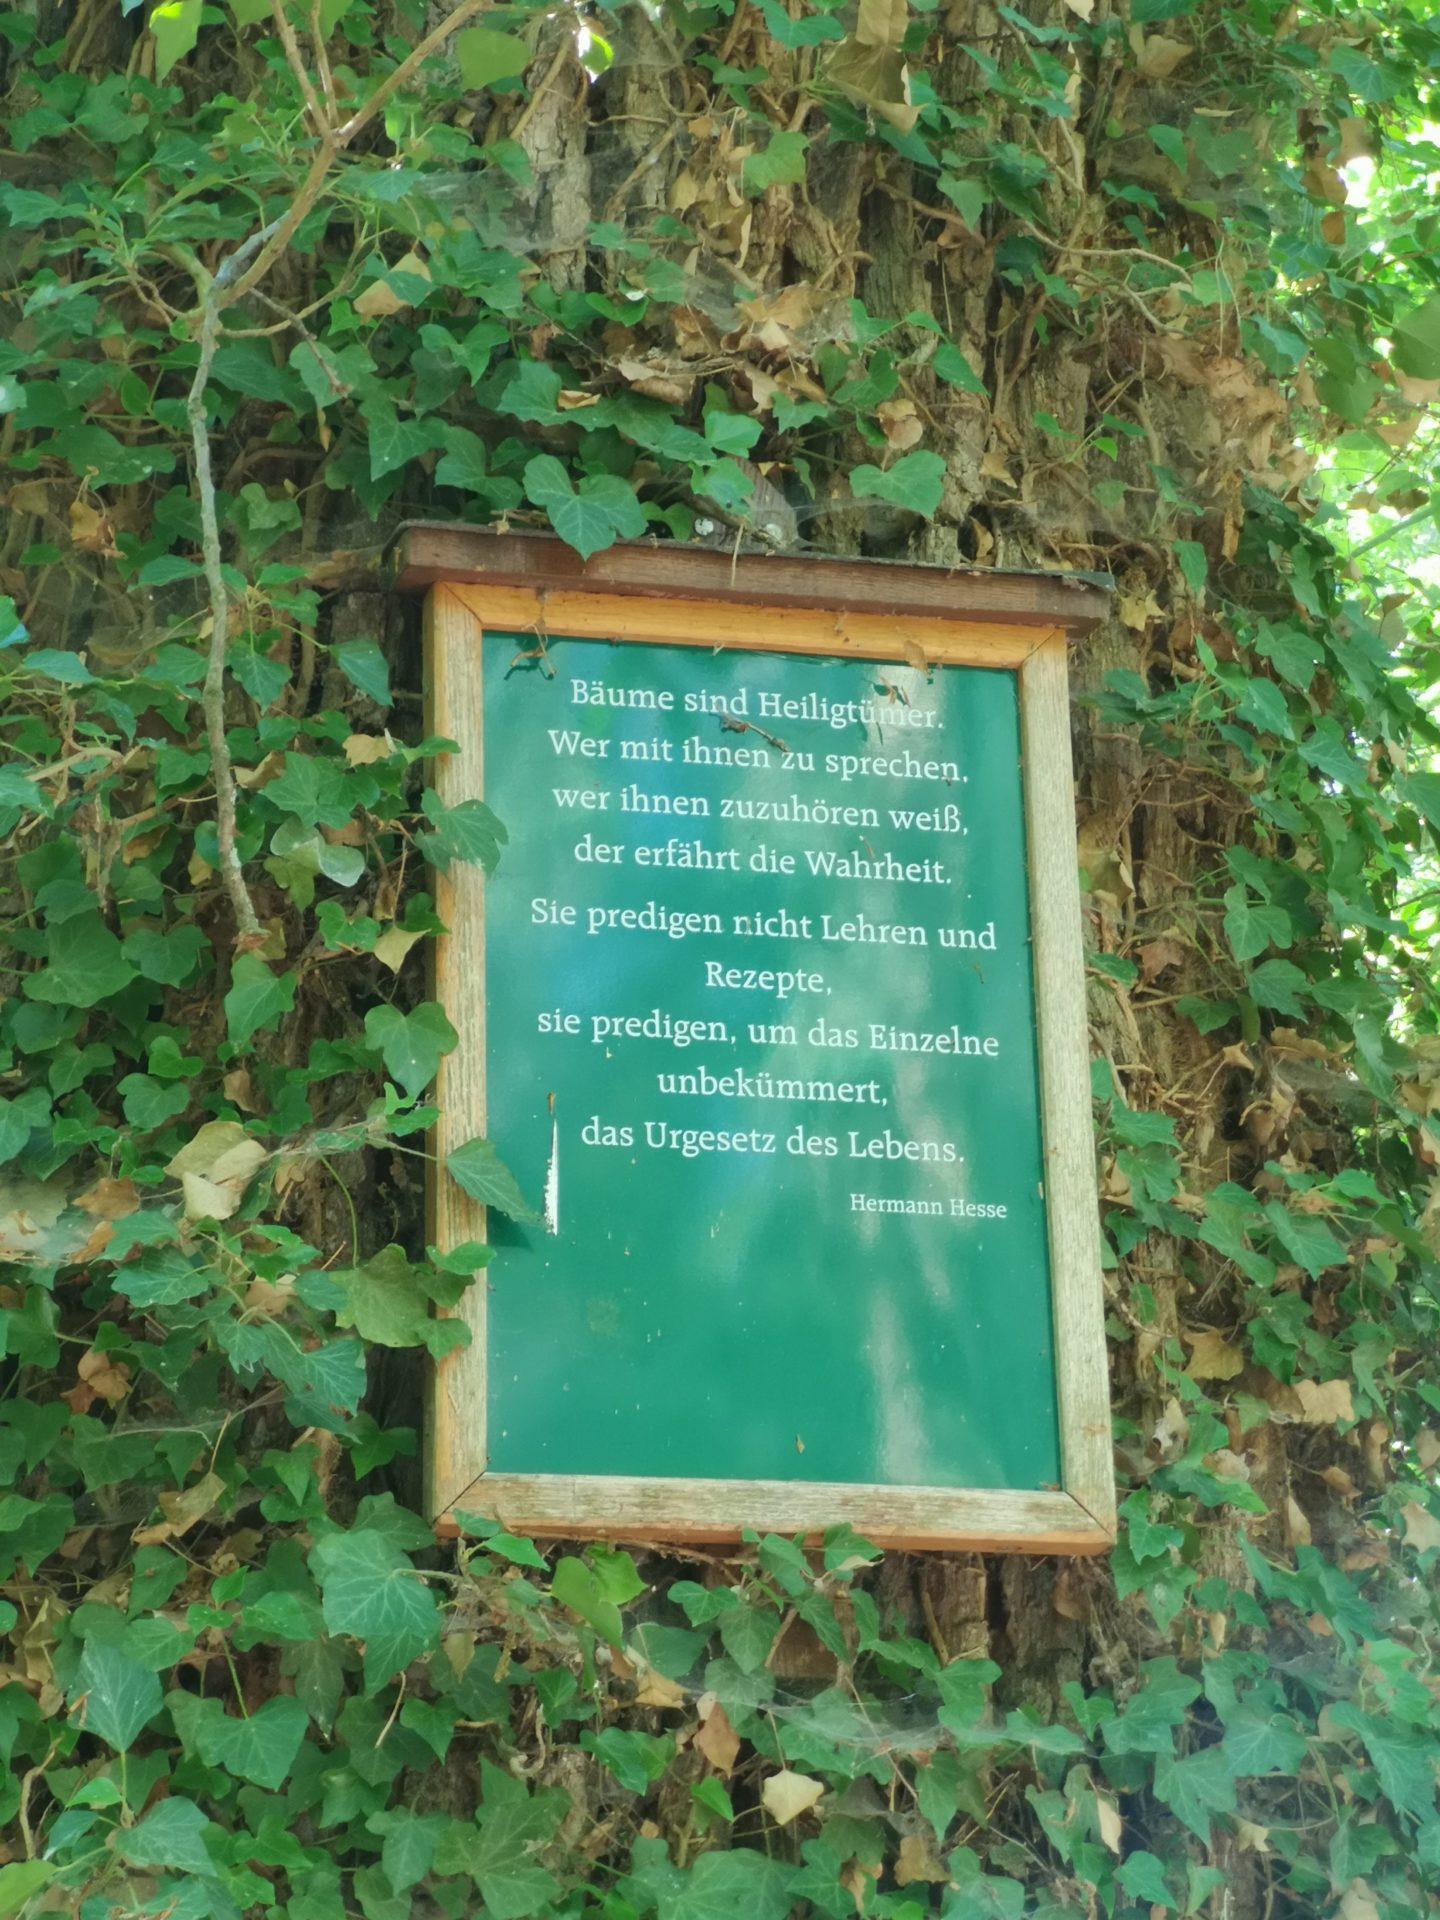 Tafel mit einem Gedicht von Hermann Hesse an einem Efeu bewachsenen Baumstamm